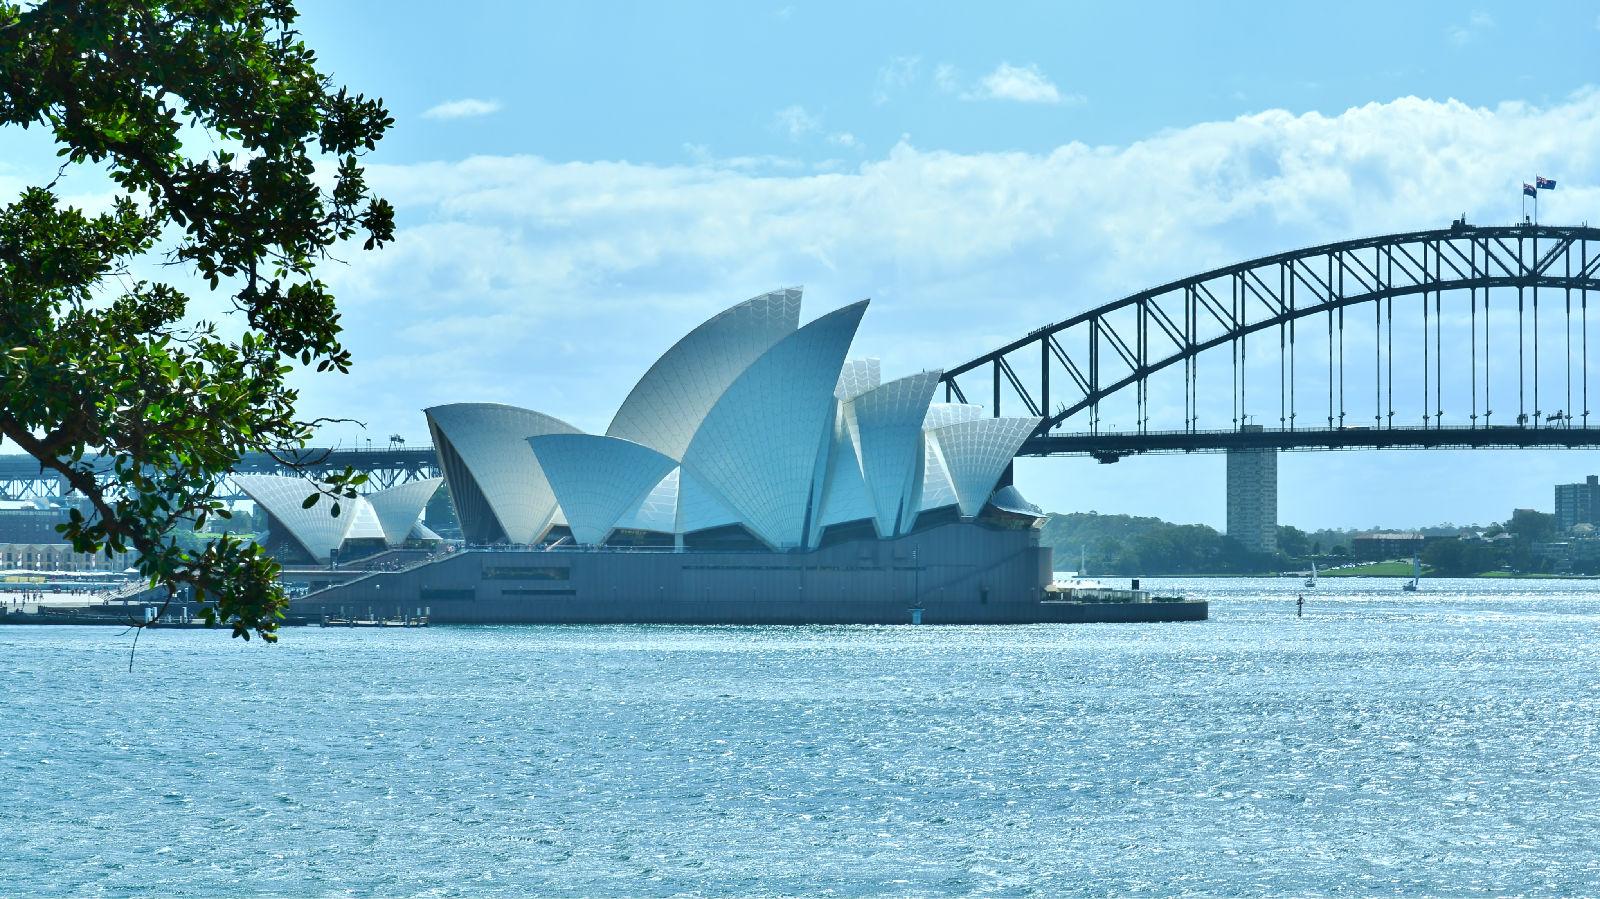 澳大利亚旅游攻略图片476